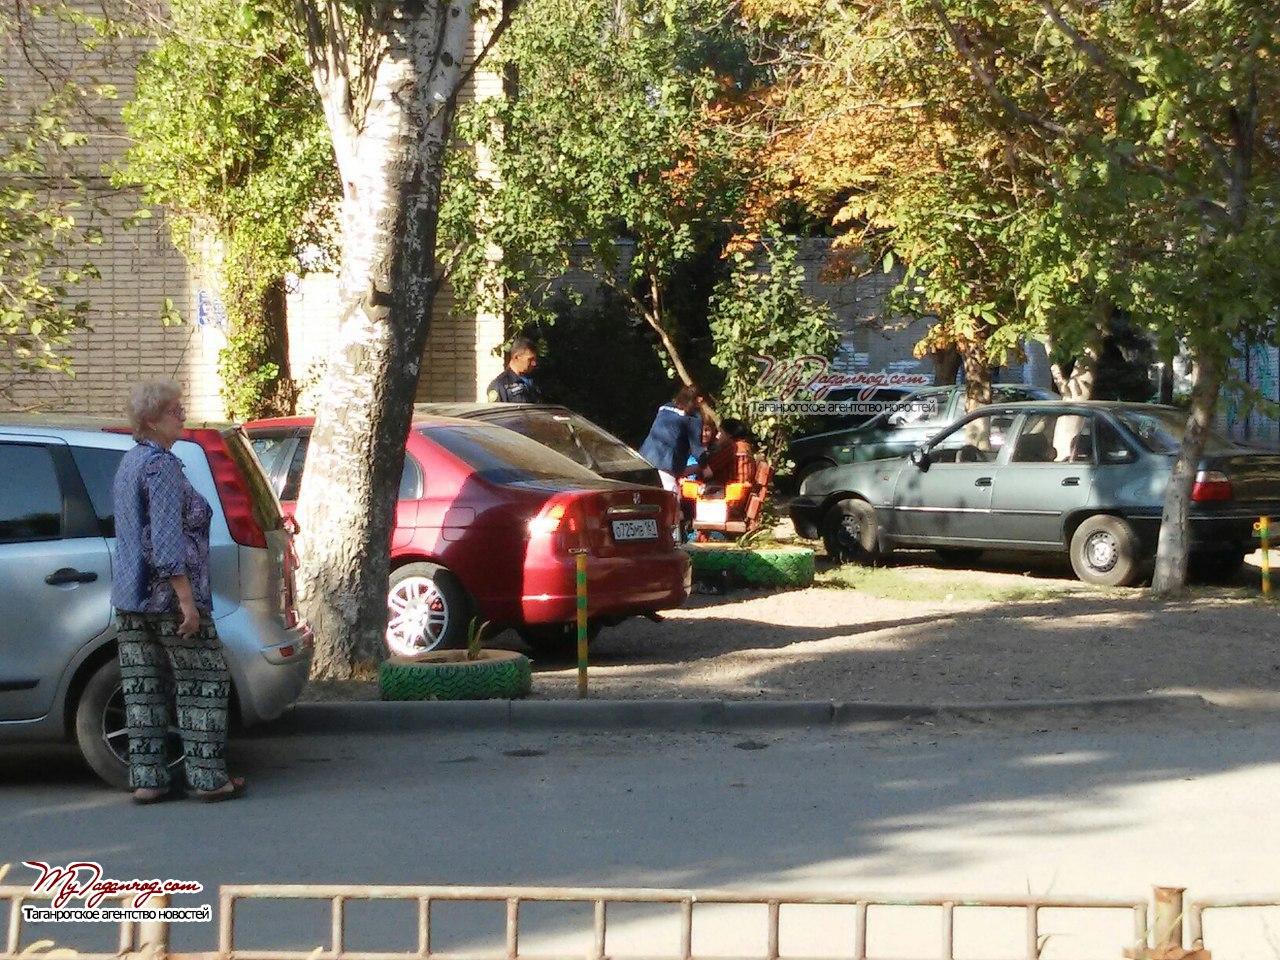 Спасатели Таганрога спали жизнь женщины, сидевшей в окне на 8 этаже и распивающей алкоголь